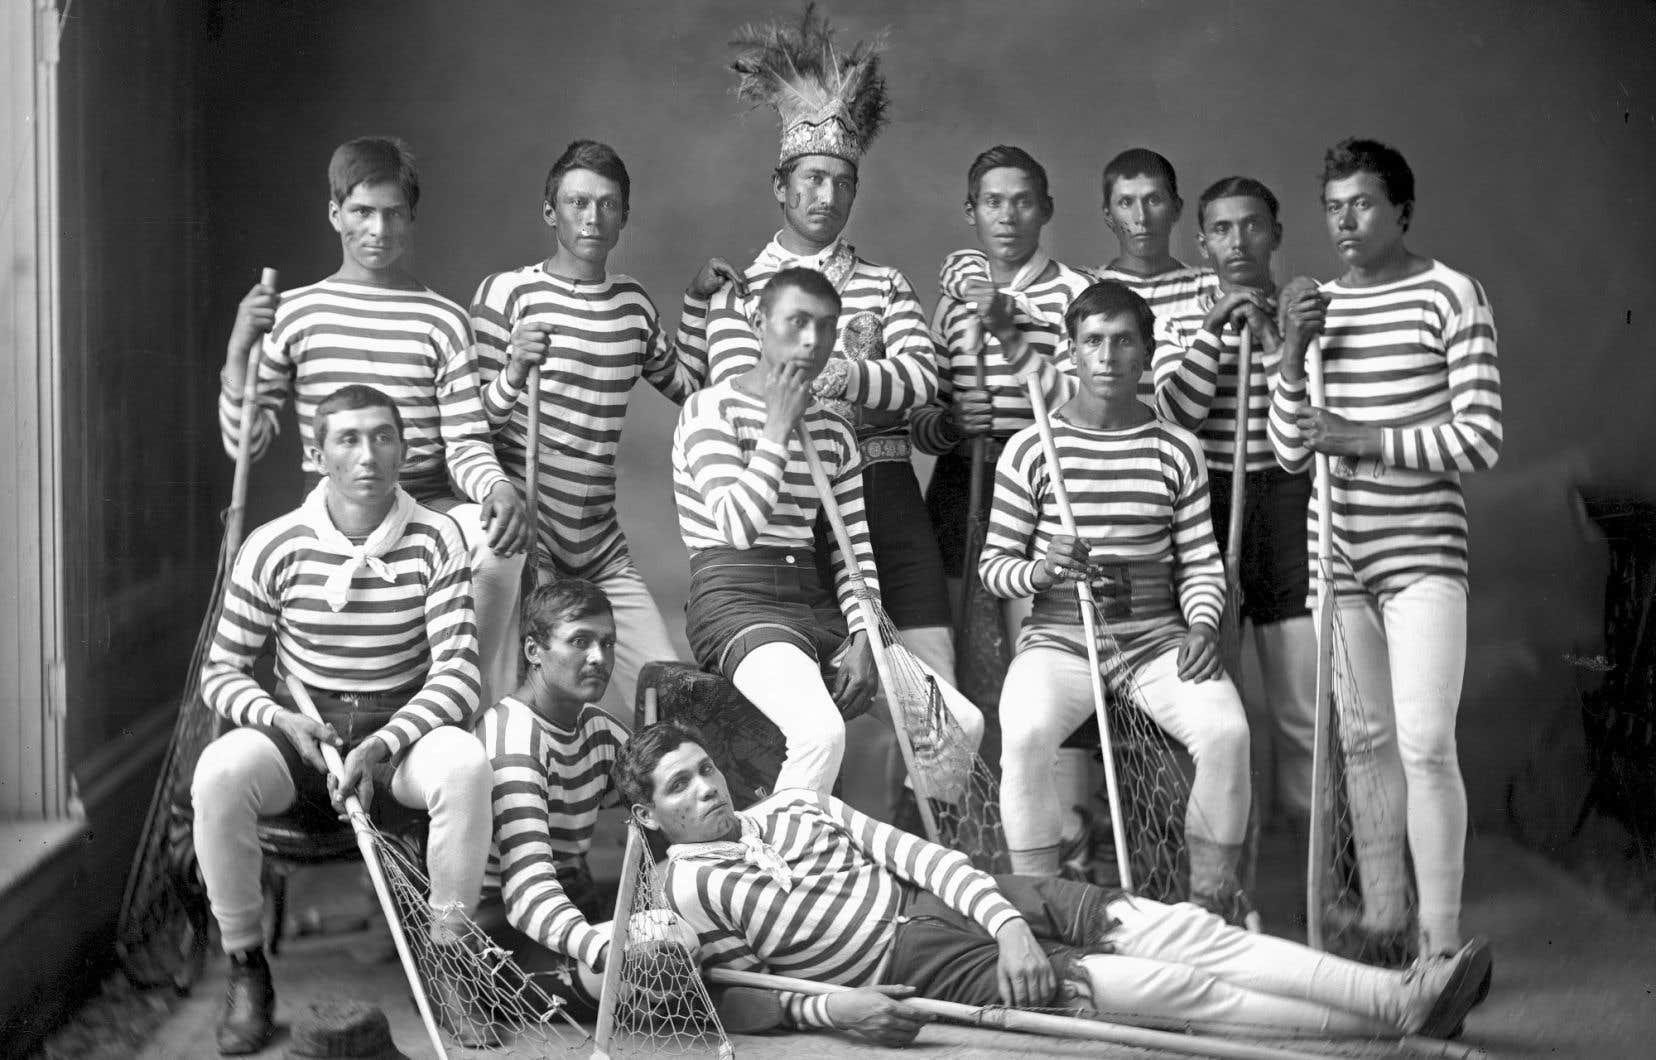 Équipe de crosse de Kahnawake, en 1876. La majorité de ces joueurs avaient voyagé en Angleterre pour une tournée organisée par William George Beers. L'homme portant une coiffe traditionnelle est le capitaine de l'équipe, Sawatis Aiontonnis.